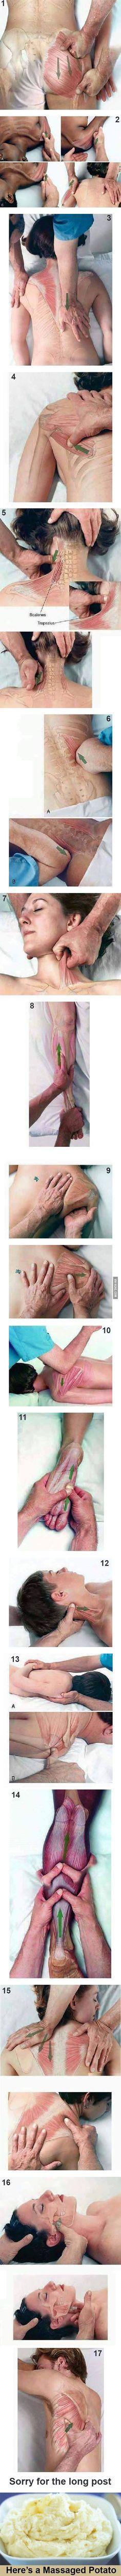 Musculación y masaje.